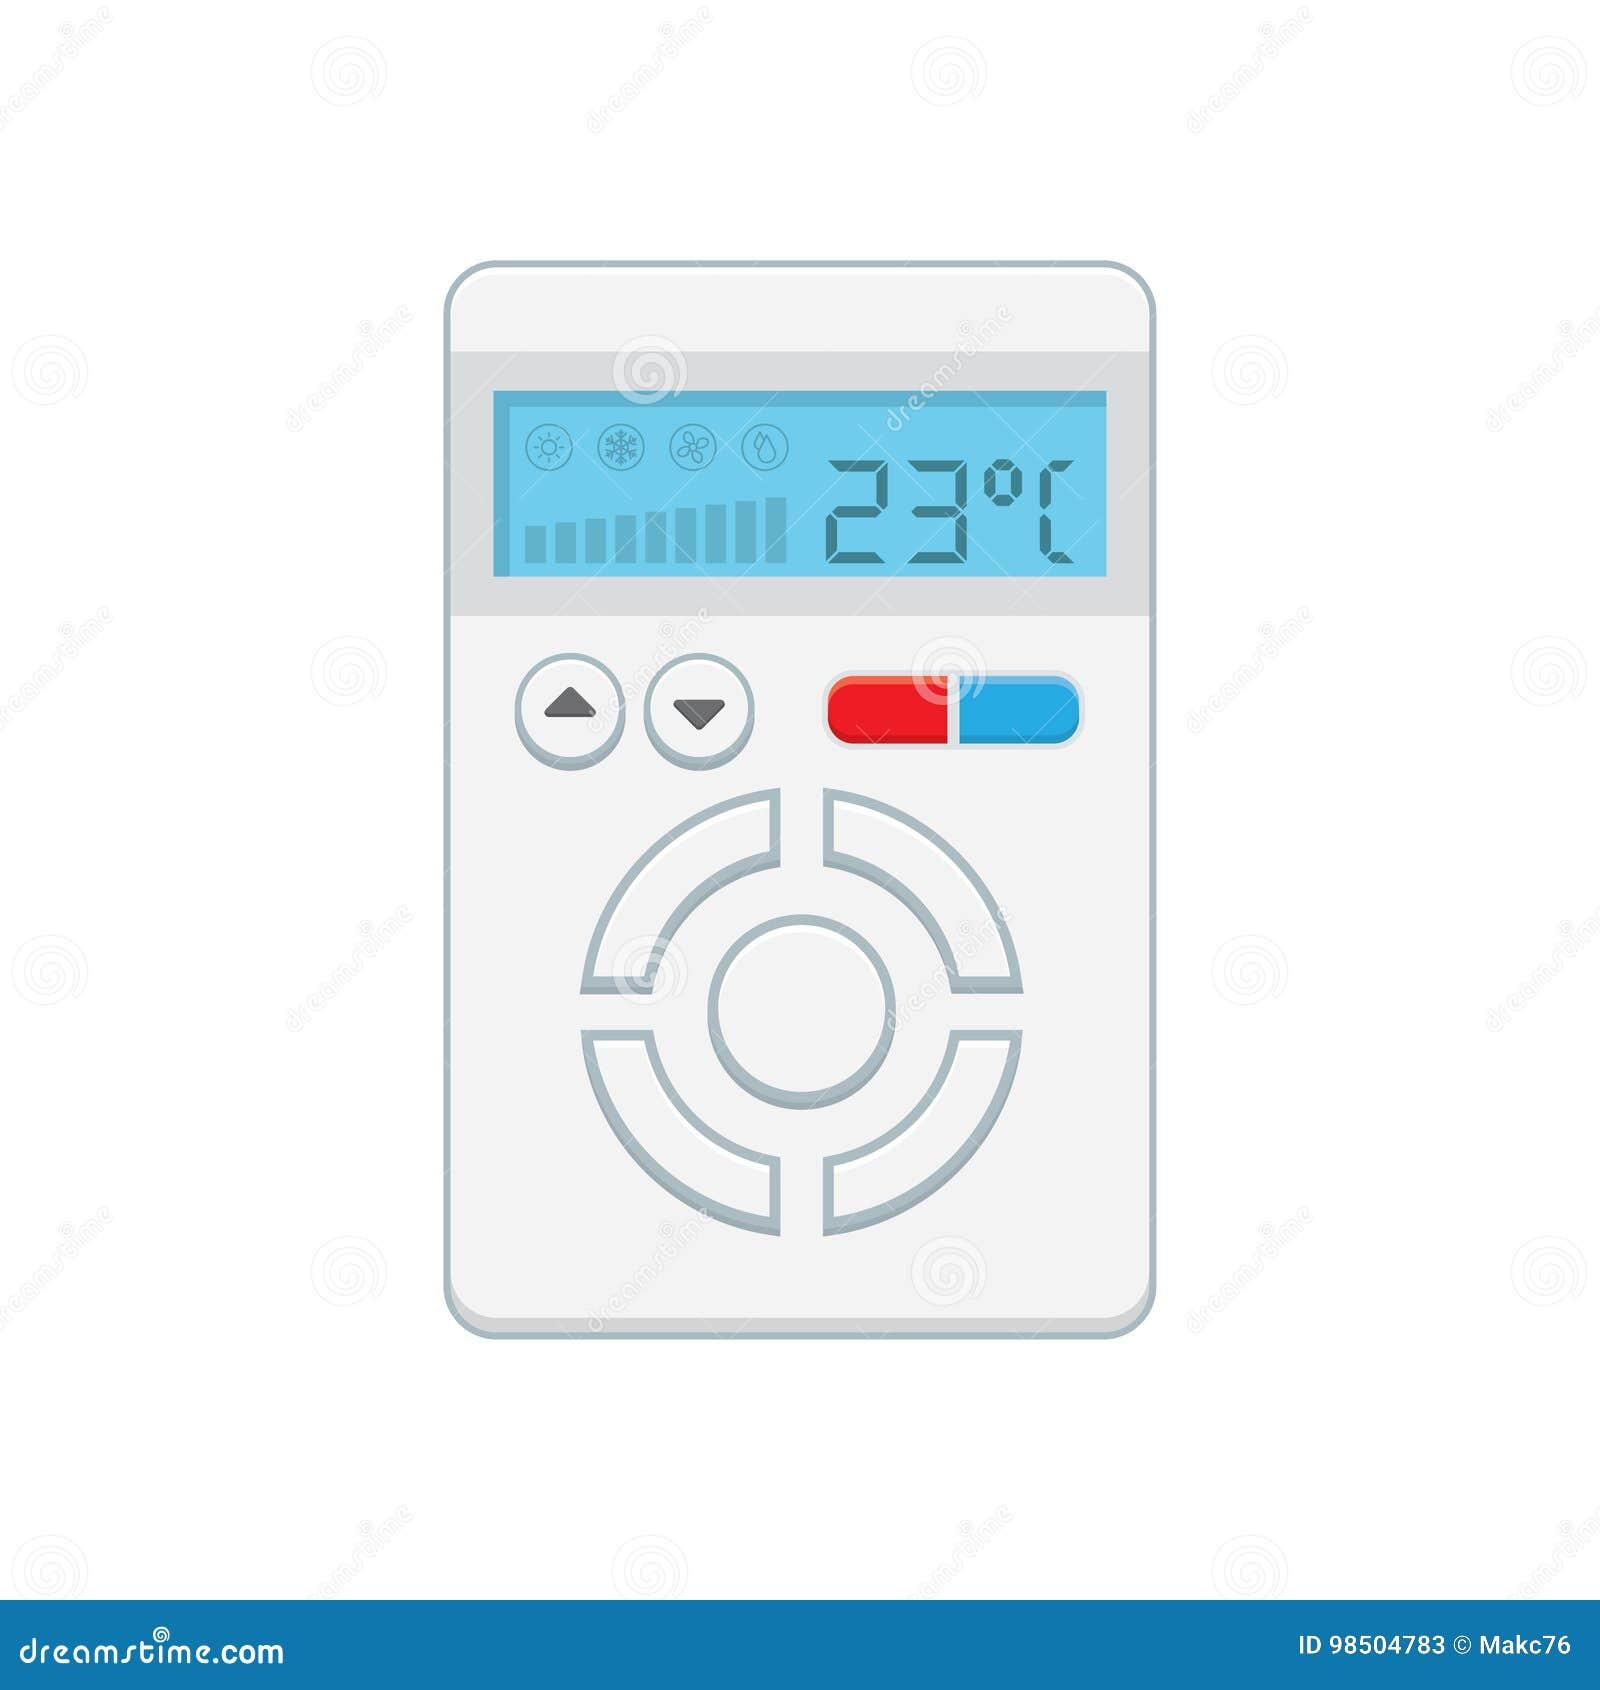 Temperaturbegrenzer Elektronischer Thermostat Mit Einem Schirm